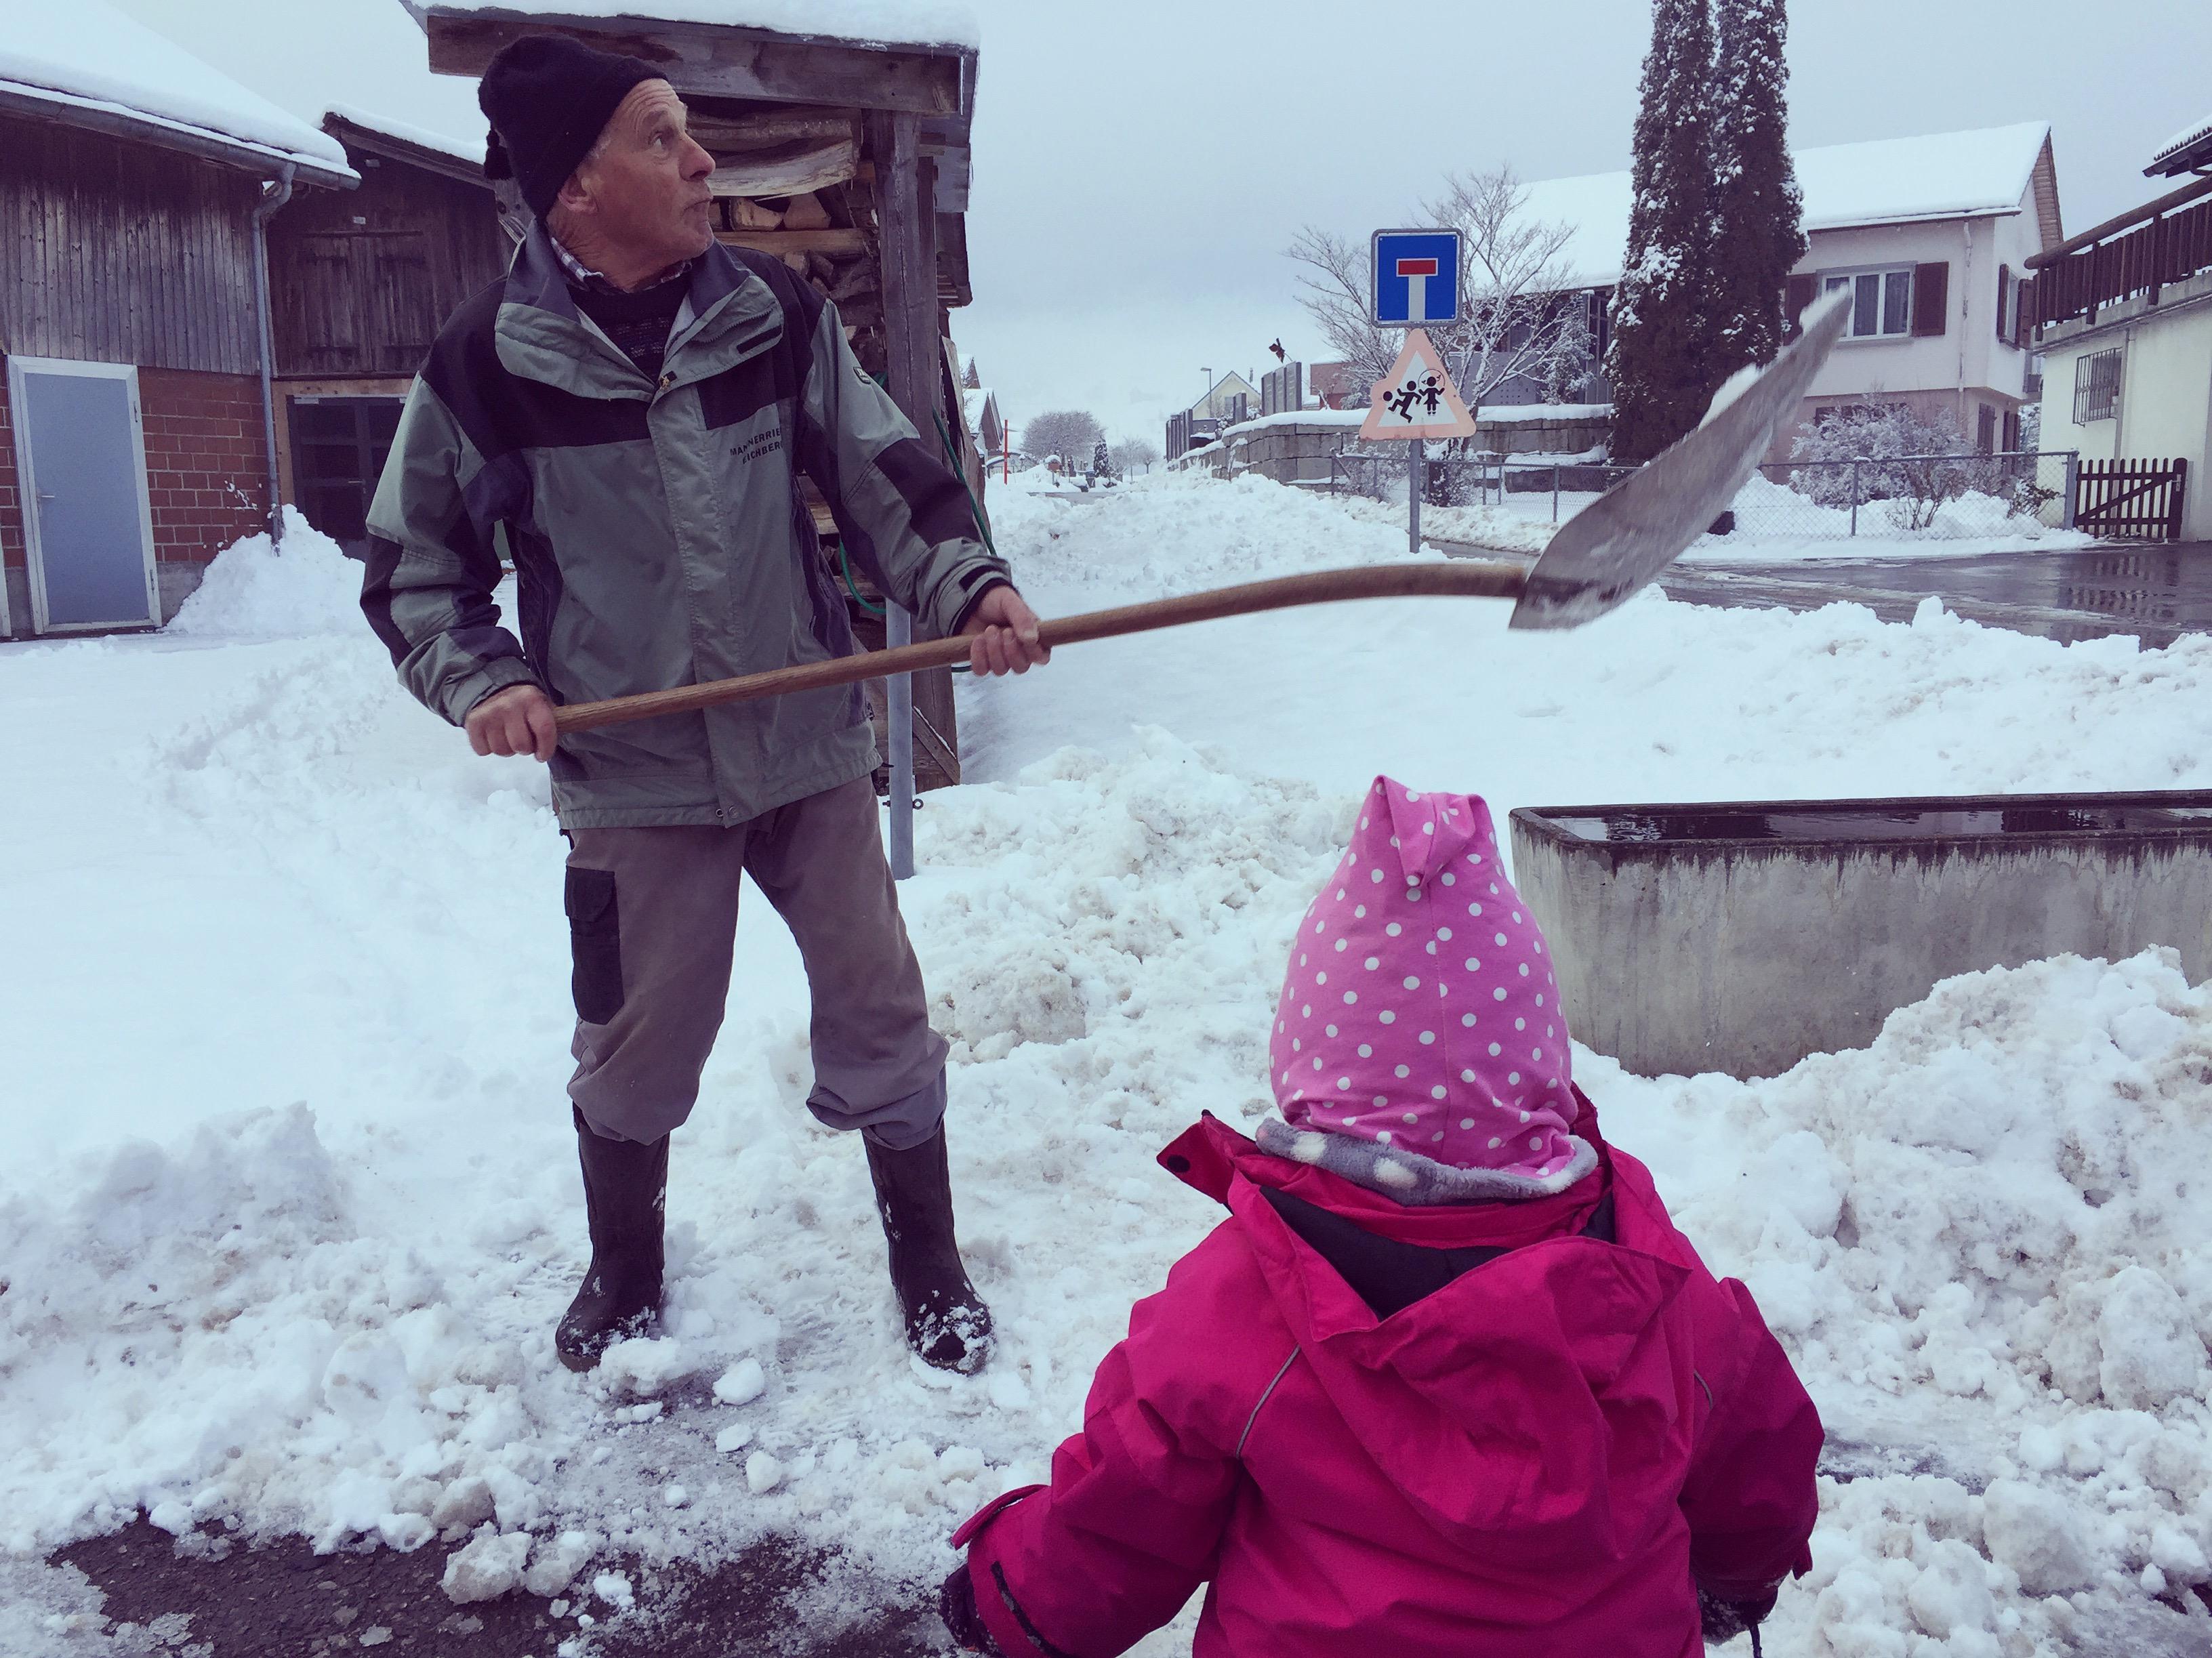 Die sneeuwballen gaf ze later aan de buurman (opa) die de sneeuwballen heel grappig weggooide